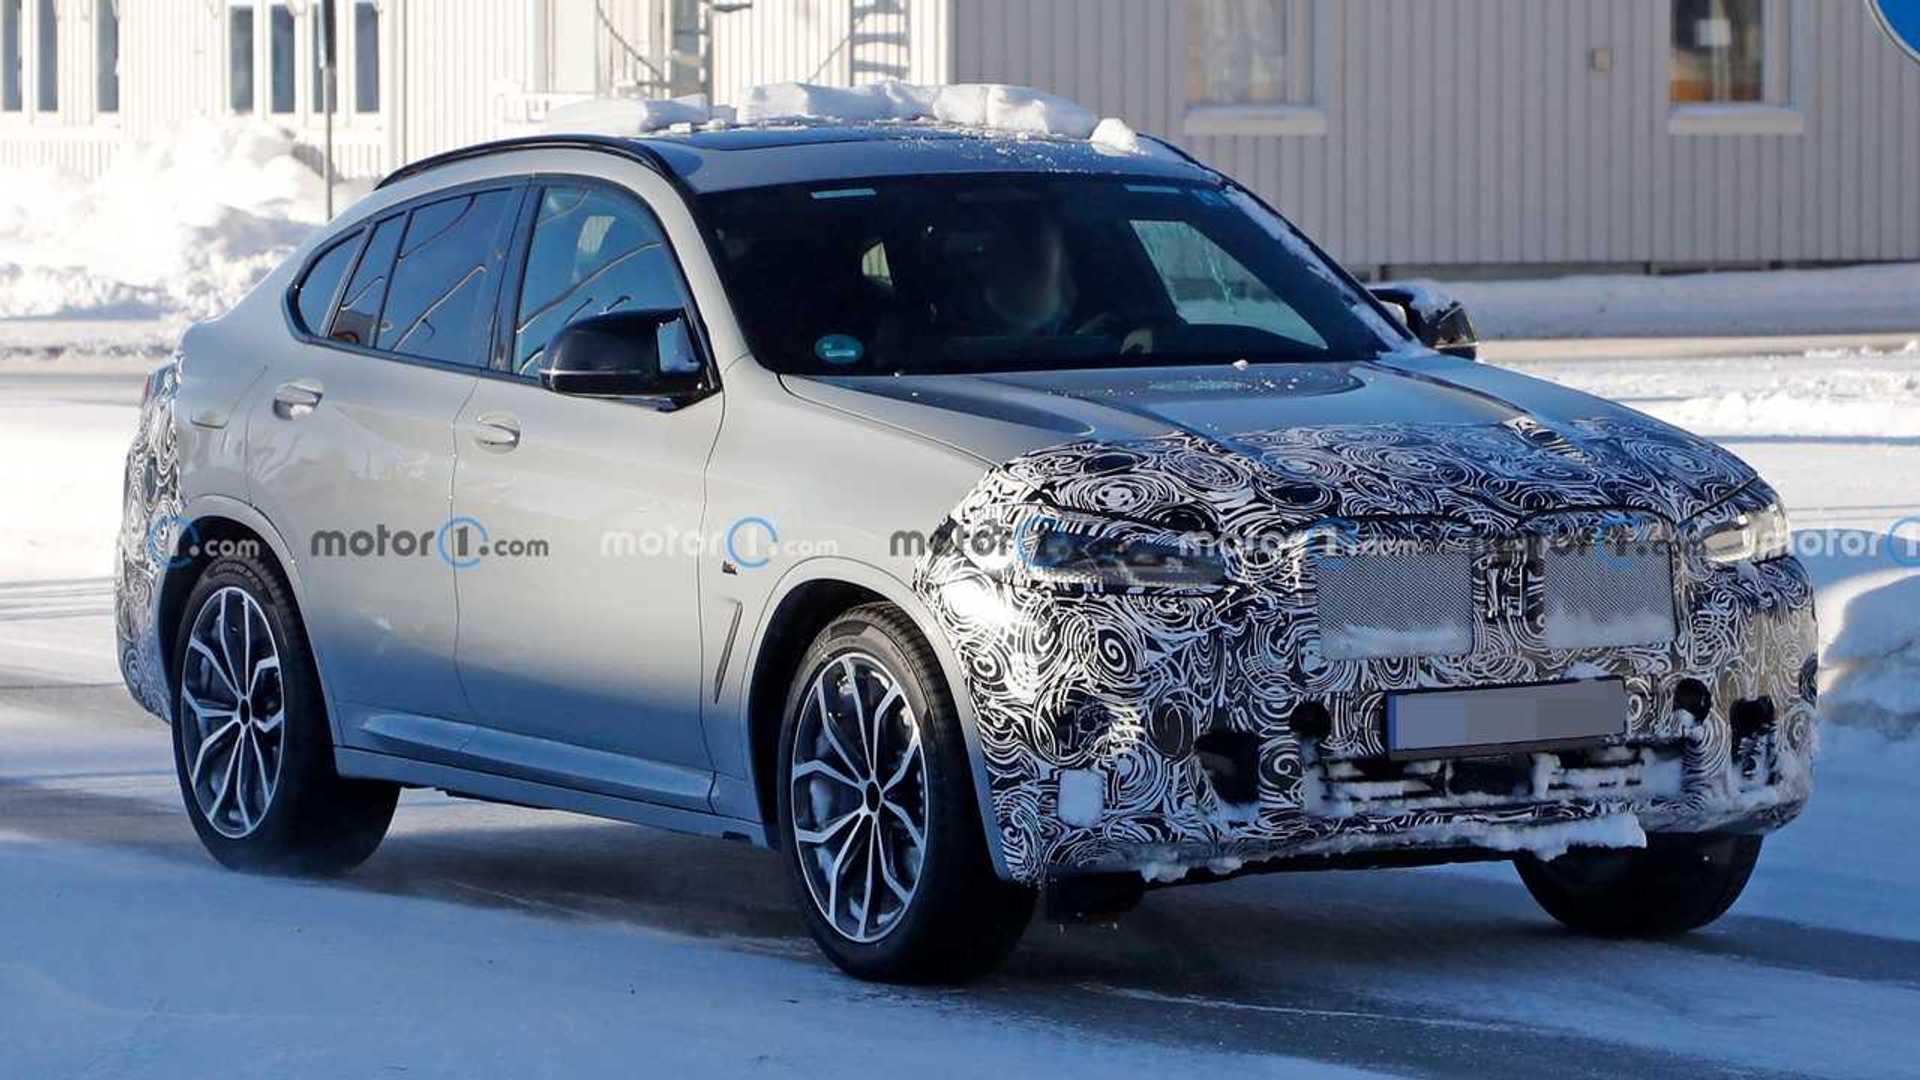 Рестайлинг BMW X4 2022 года рассмотрен в деталях, внутри и снаружи